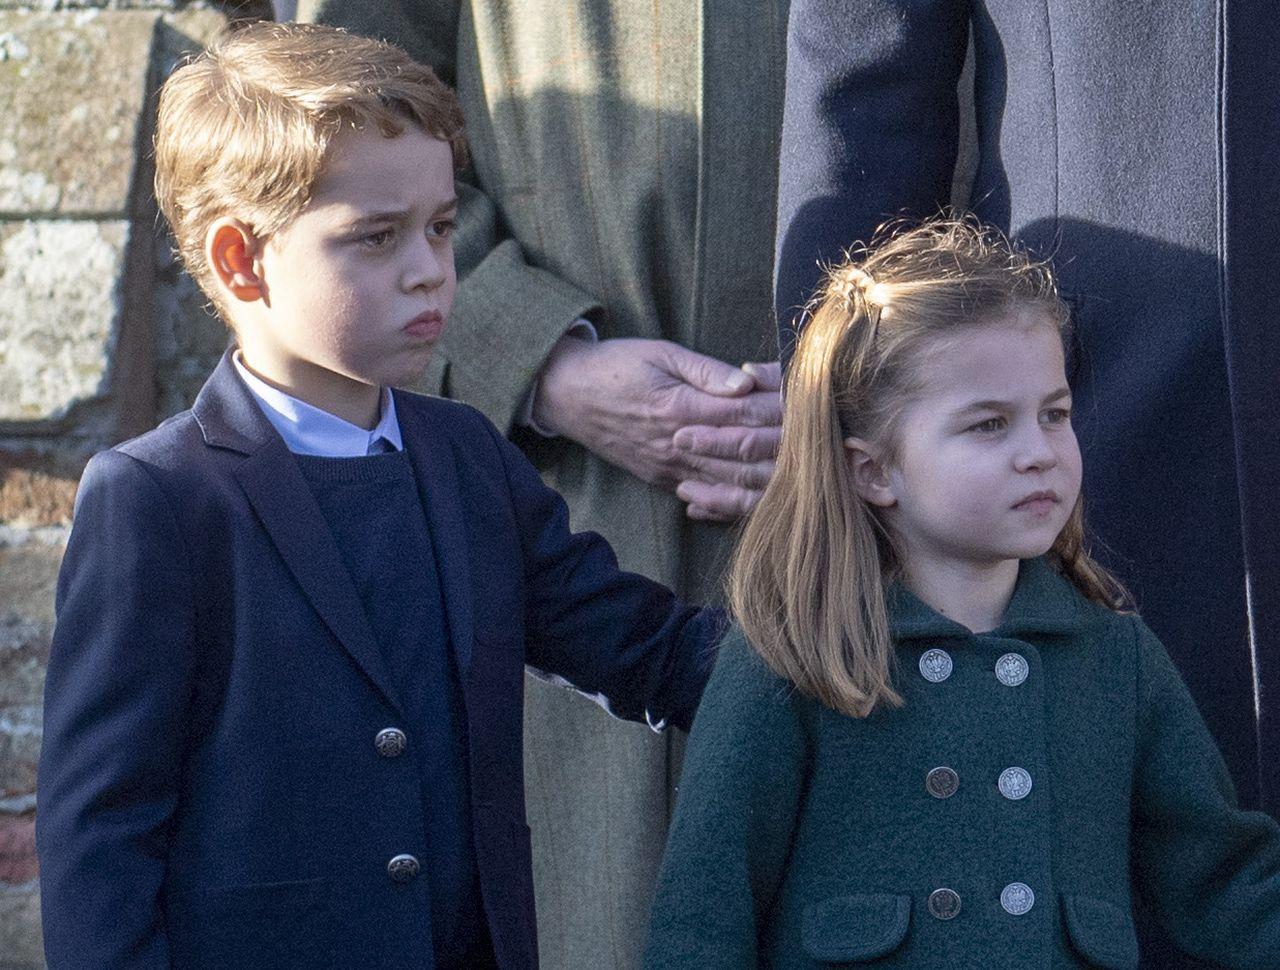 książę George, księżniczka Charlotte w płaszczykach